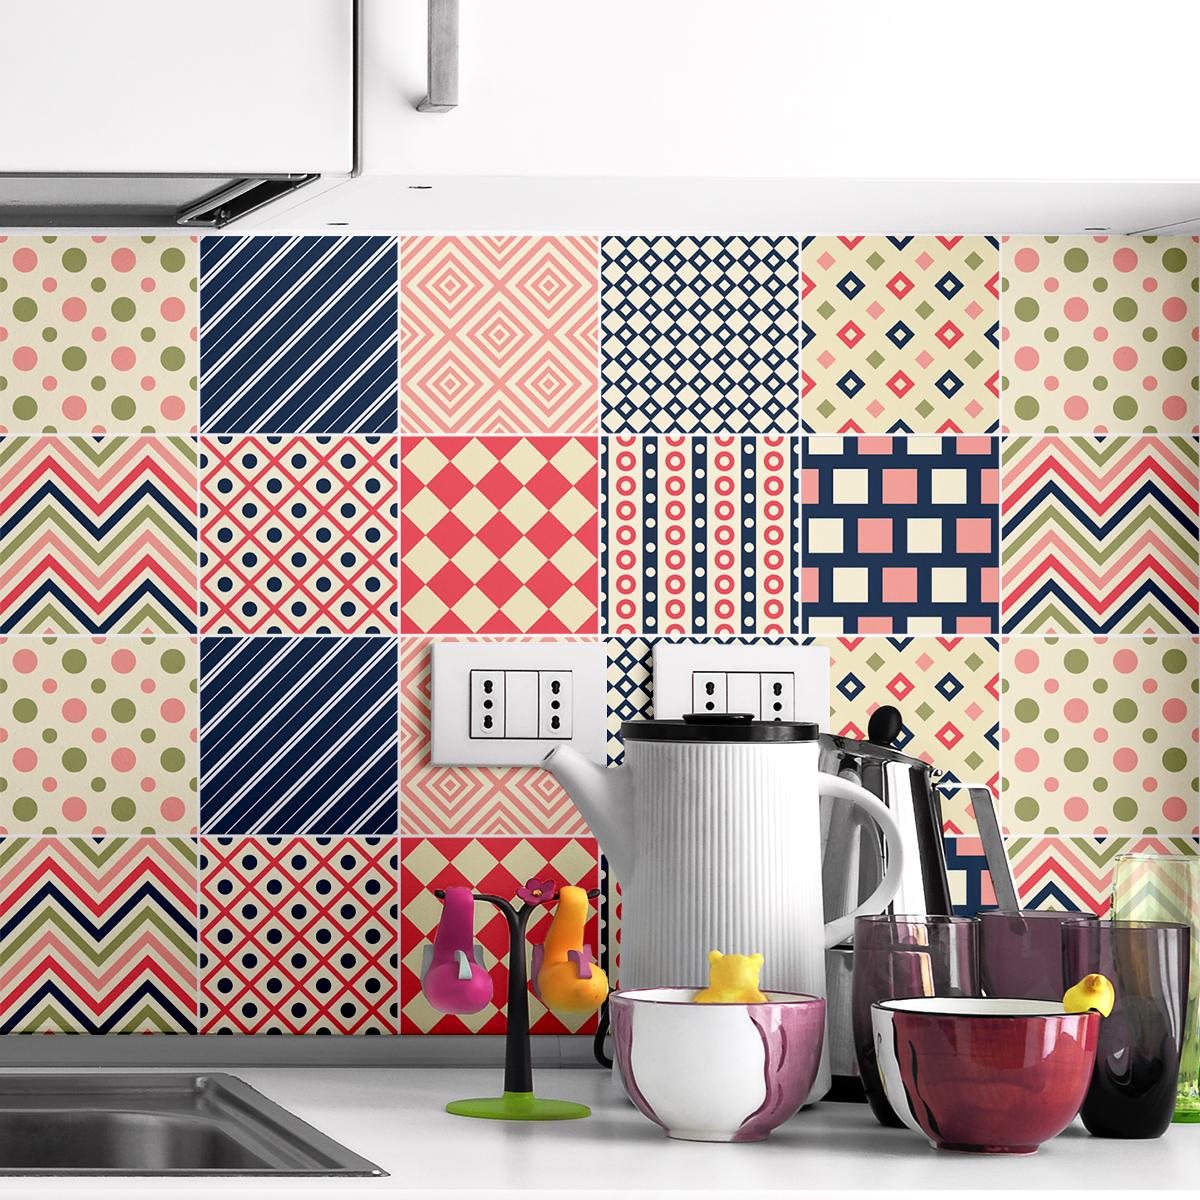 9 stickers carreaux de ciment ethnique nagano cuisine carrelages ambiance sticker. Black Bedroom Furniture Sets. Home Design Ideas